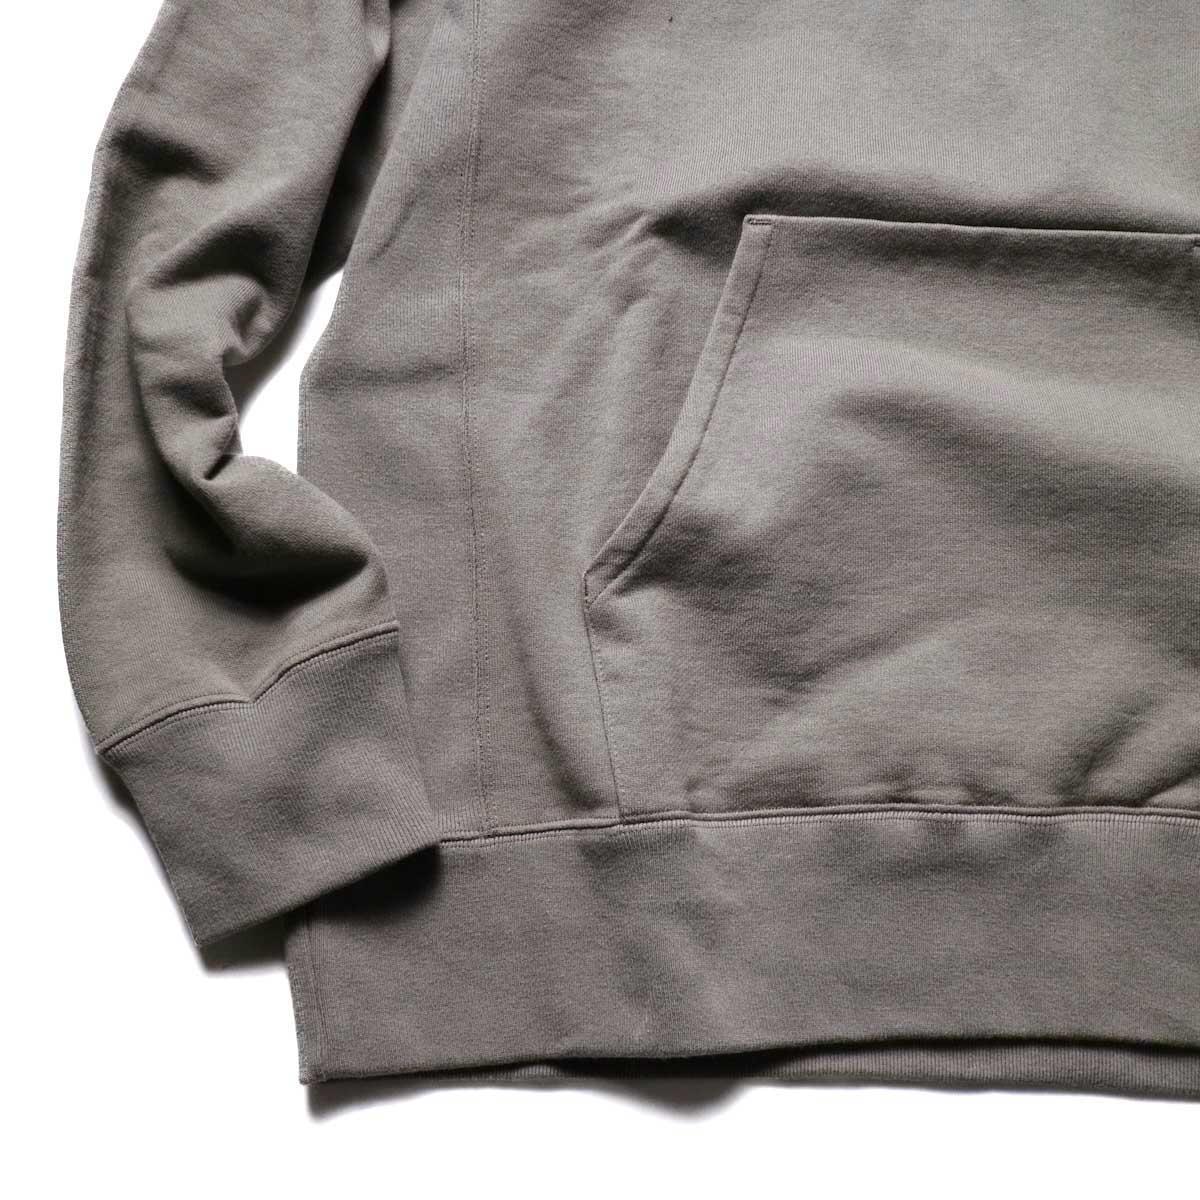 CURLY / BRIGHT PO PARKA (Mocha)袖、裾